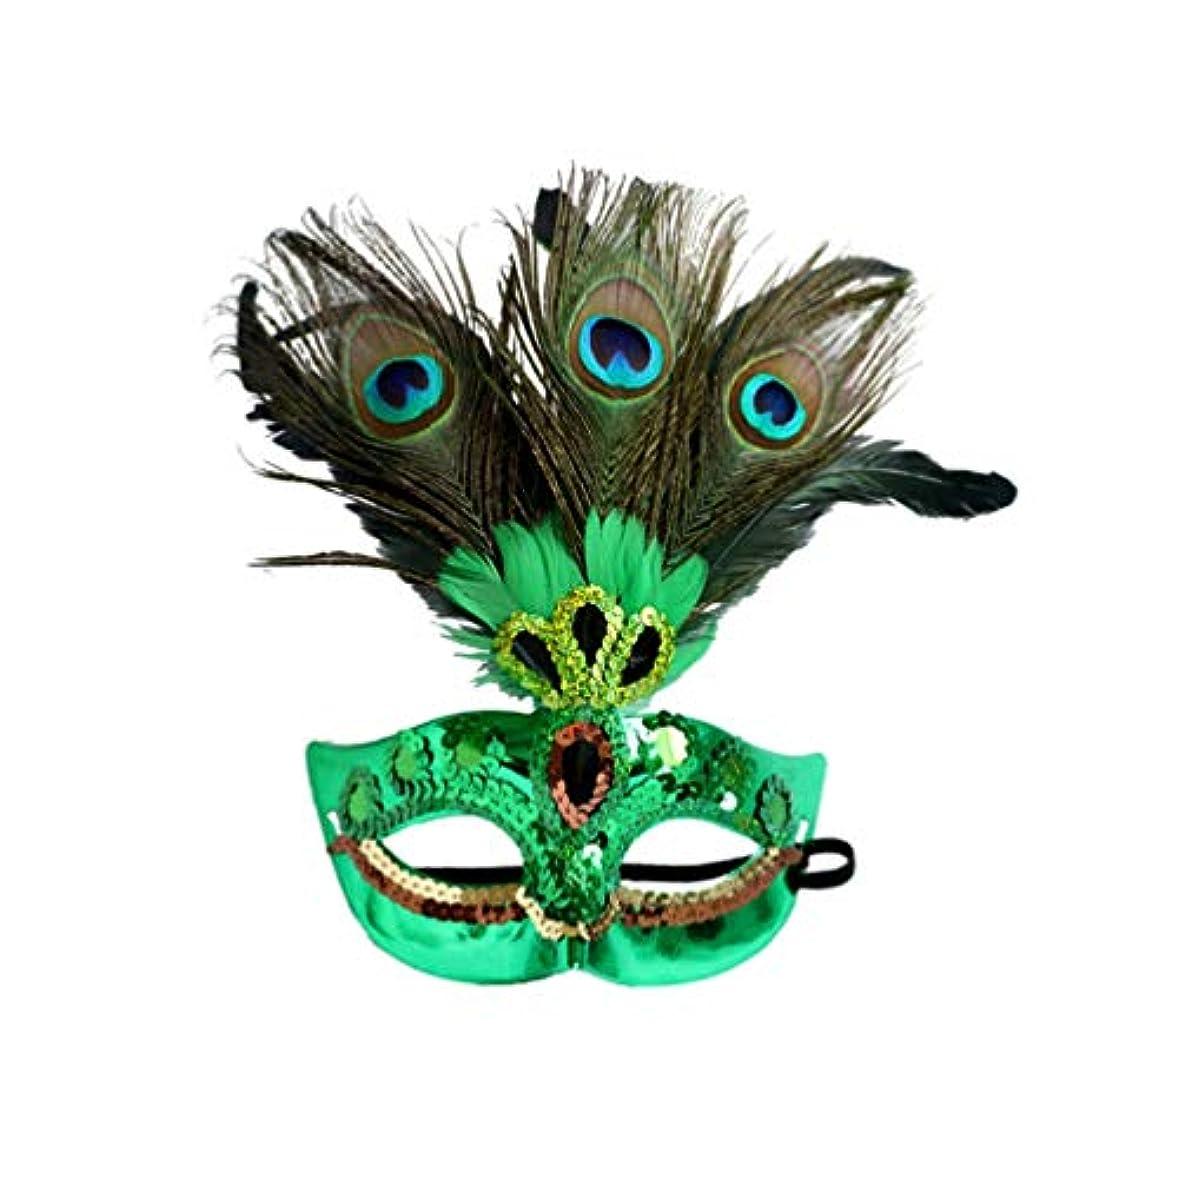 価格ジャングル協力するAmosfun 1ピースクリエイティブ耐久性のあるportativeクリスマスマスク羽プラスチッククジャク用マスカレード大人コスプレクリスマスパーティー